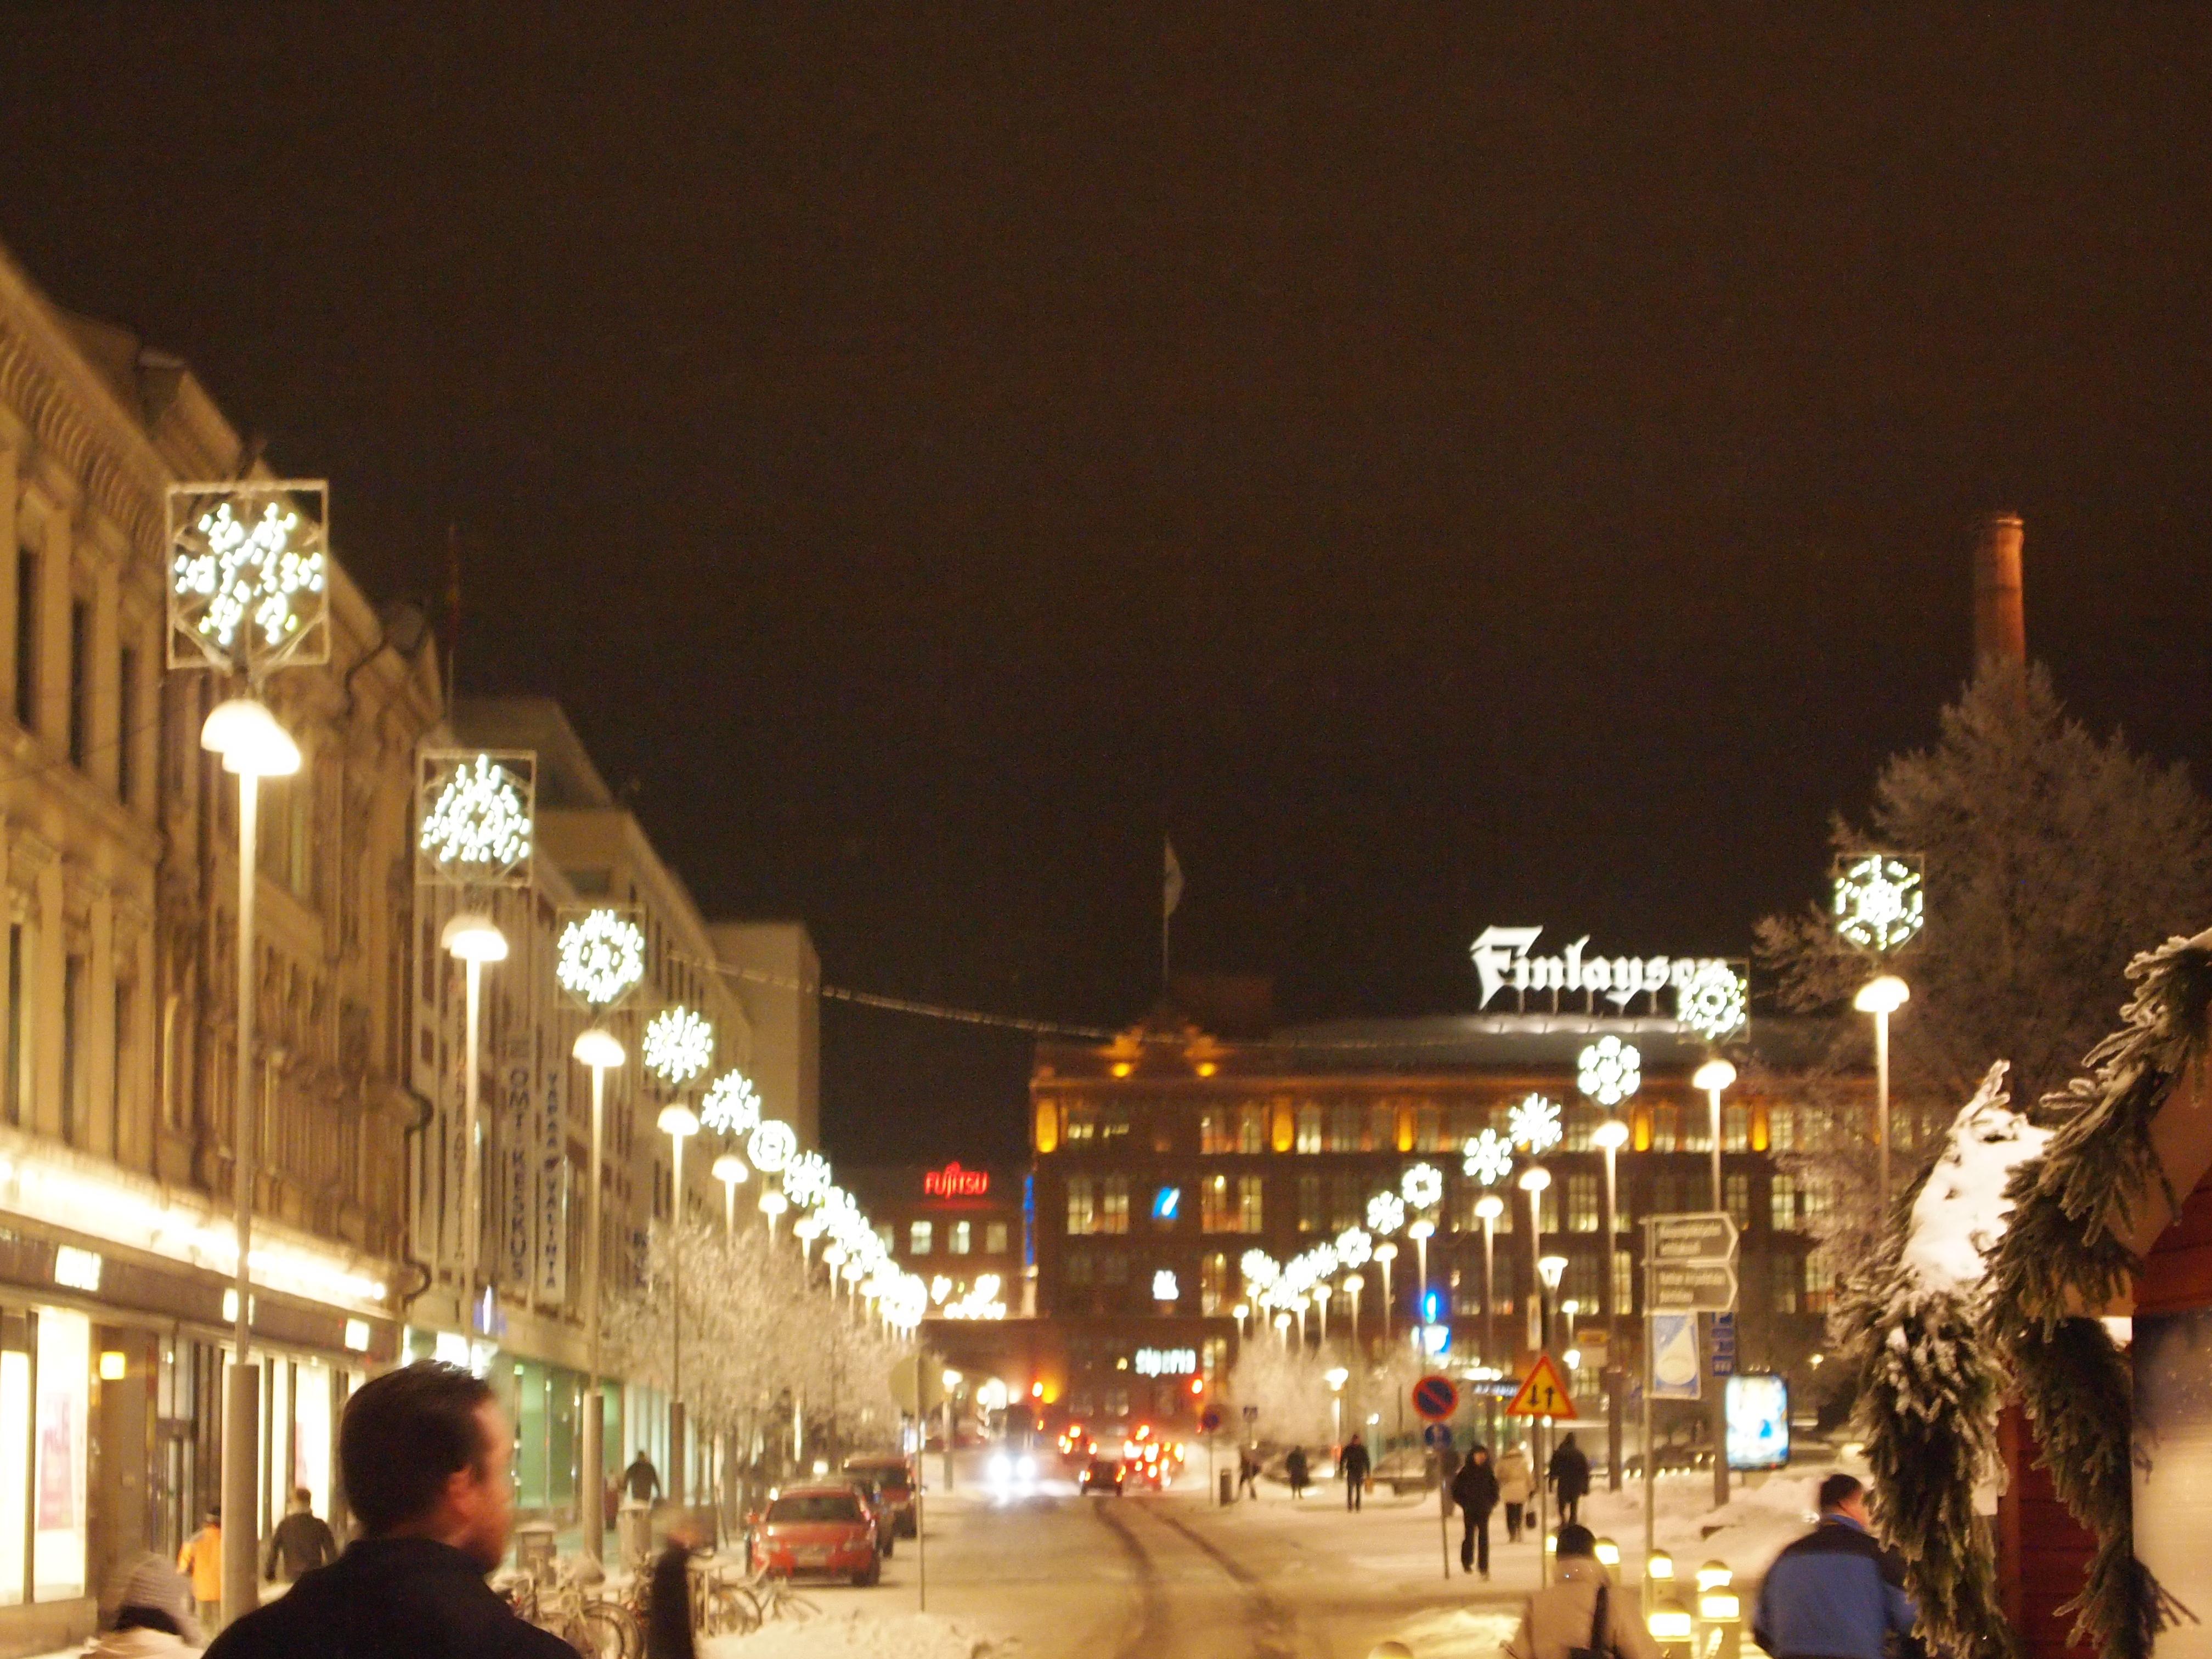 Snowflake Christmas Lights.File Snowflake Christmas Lights 5283193751 Jpg Wikipedia